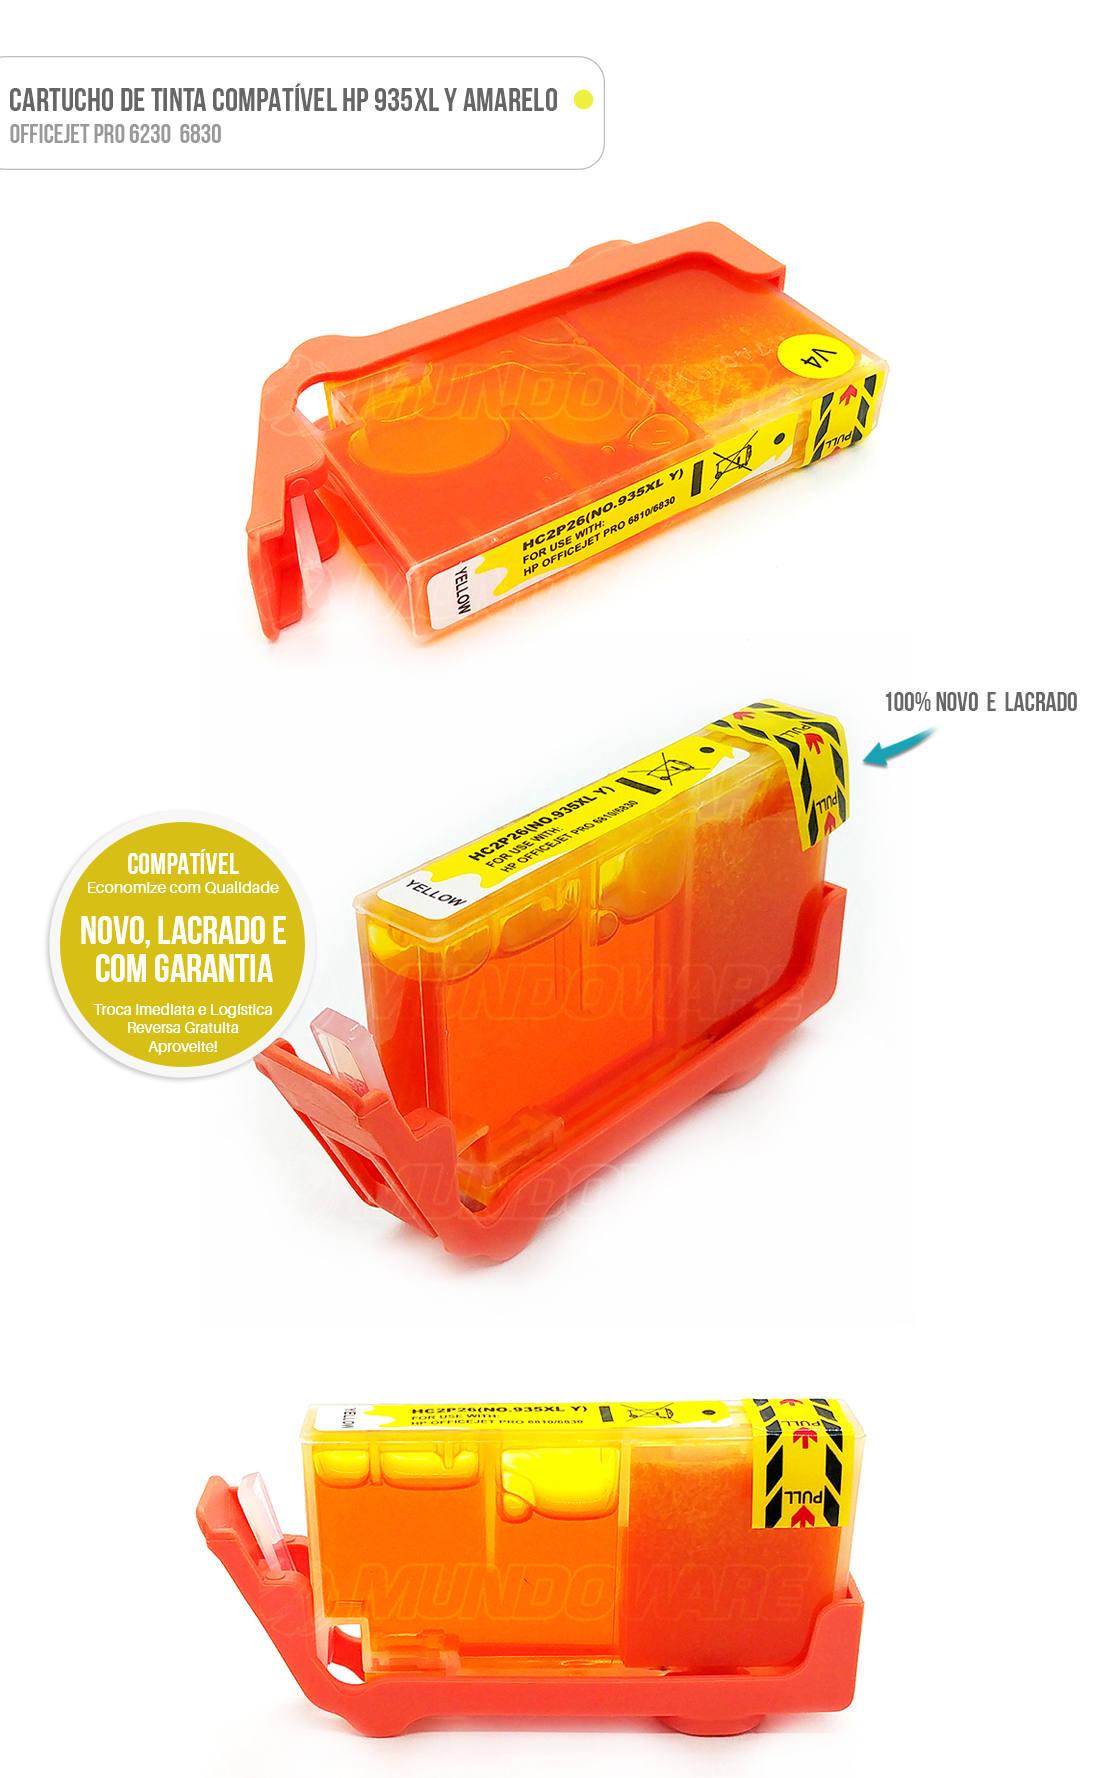 Cartucho de Tinta compatível 935xl 935 xl Amarelo para impressora 6230 6830